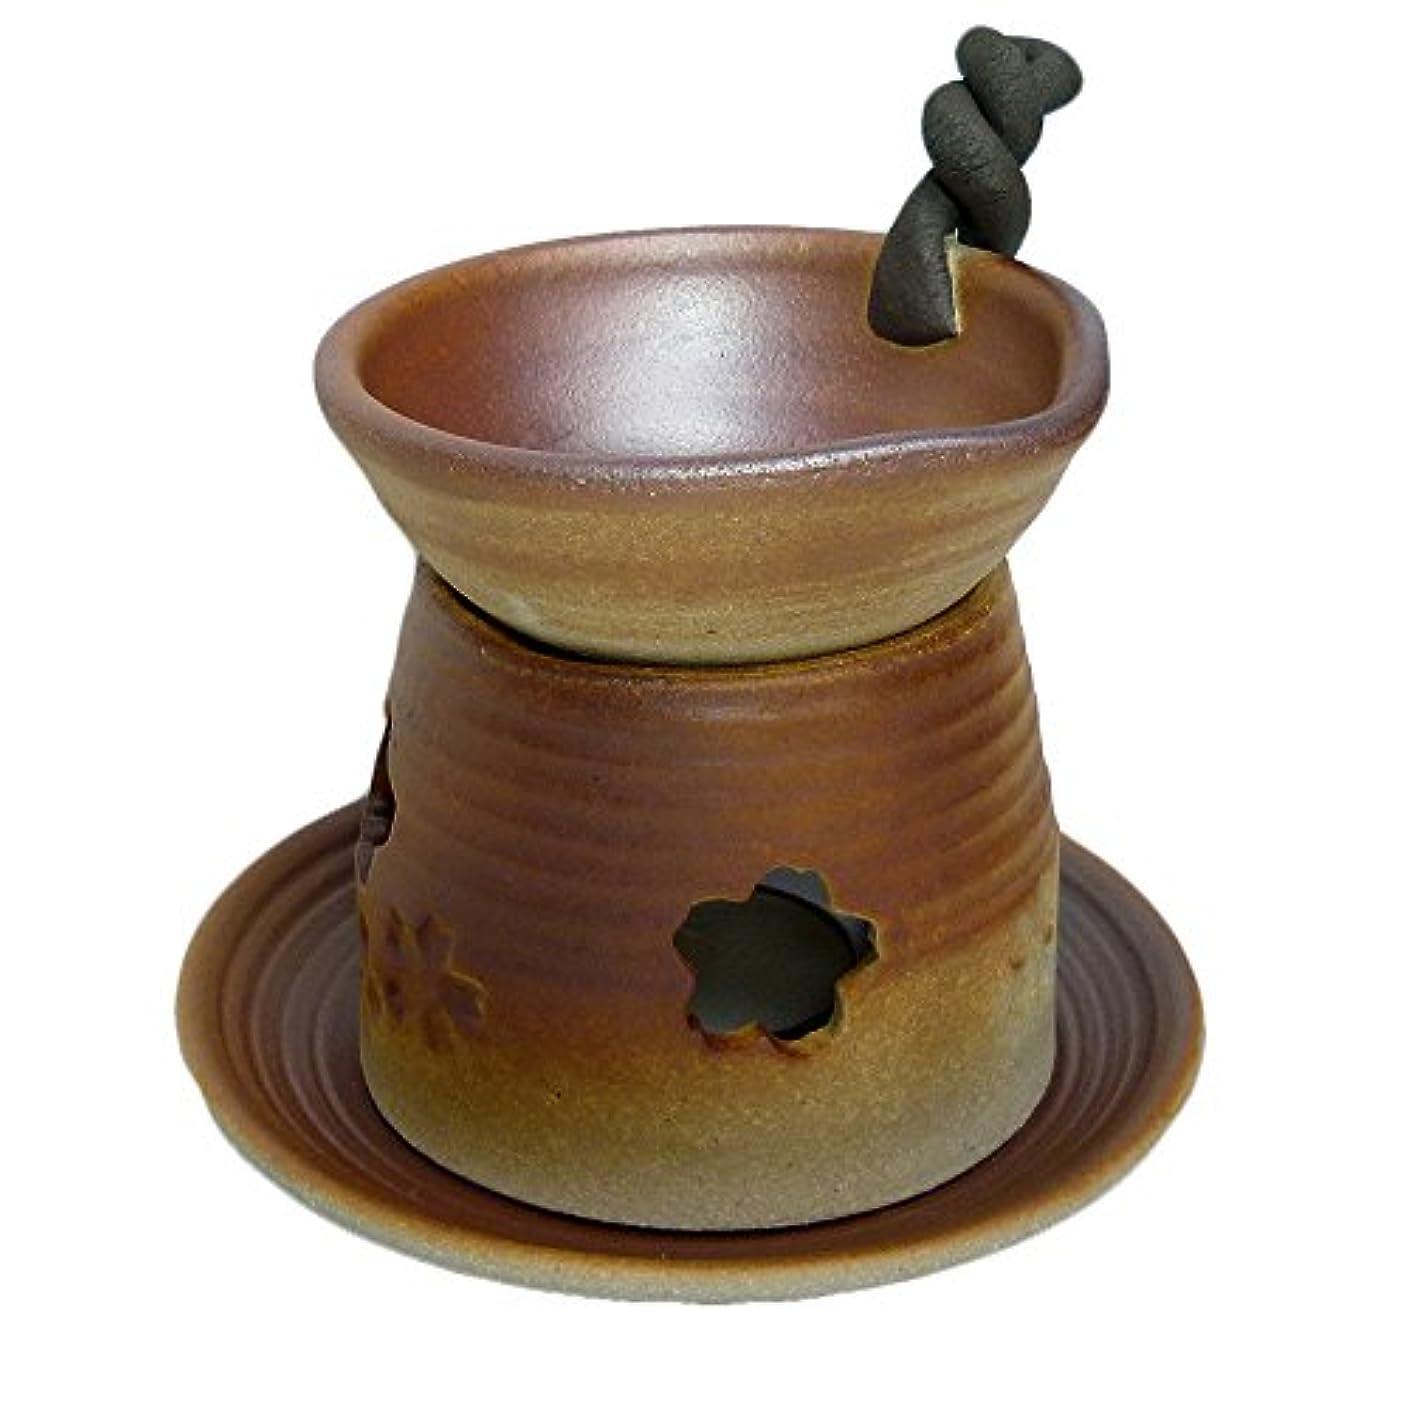 早熟歌衝突する香炉 錆吹き 手付茶香炉 [H13.5cm] HANDMADE プレゼント ギフト 和食器 かわいい インテリア